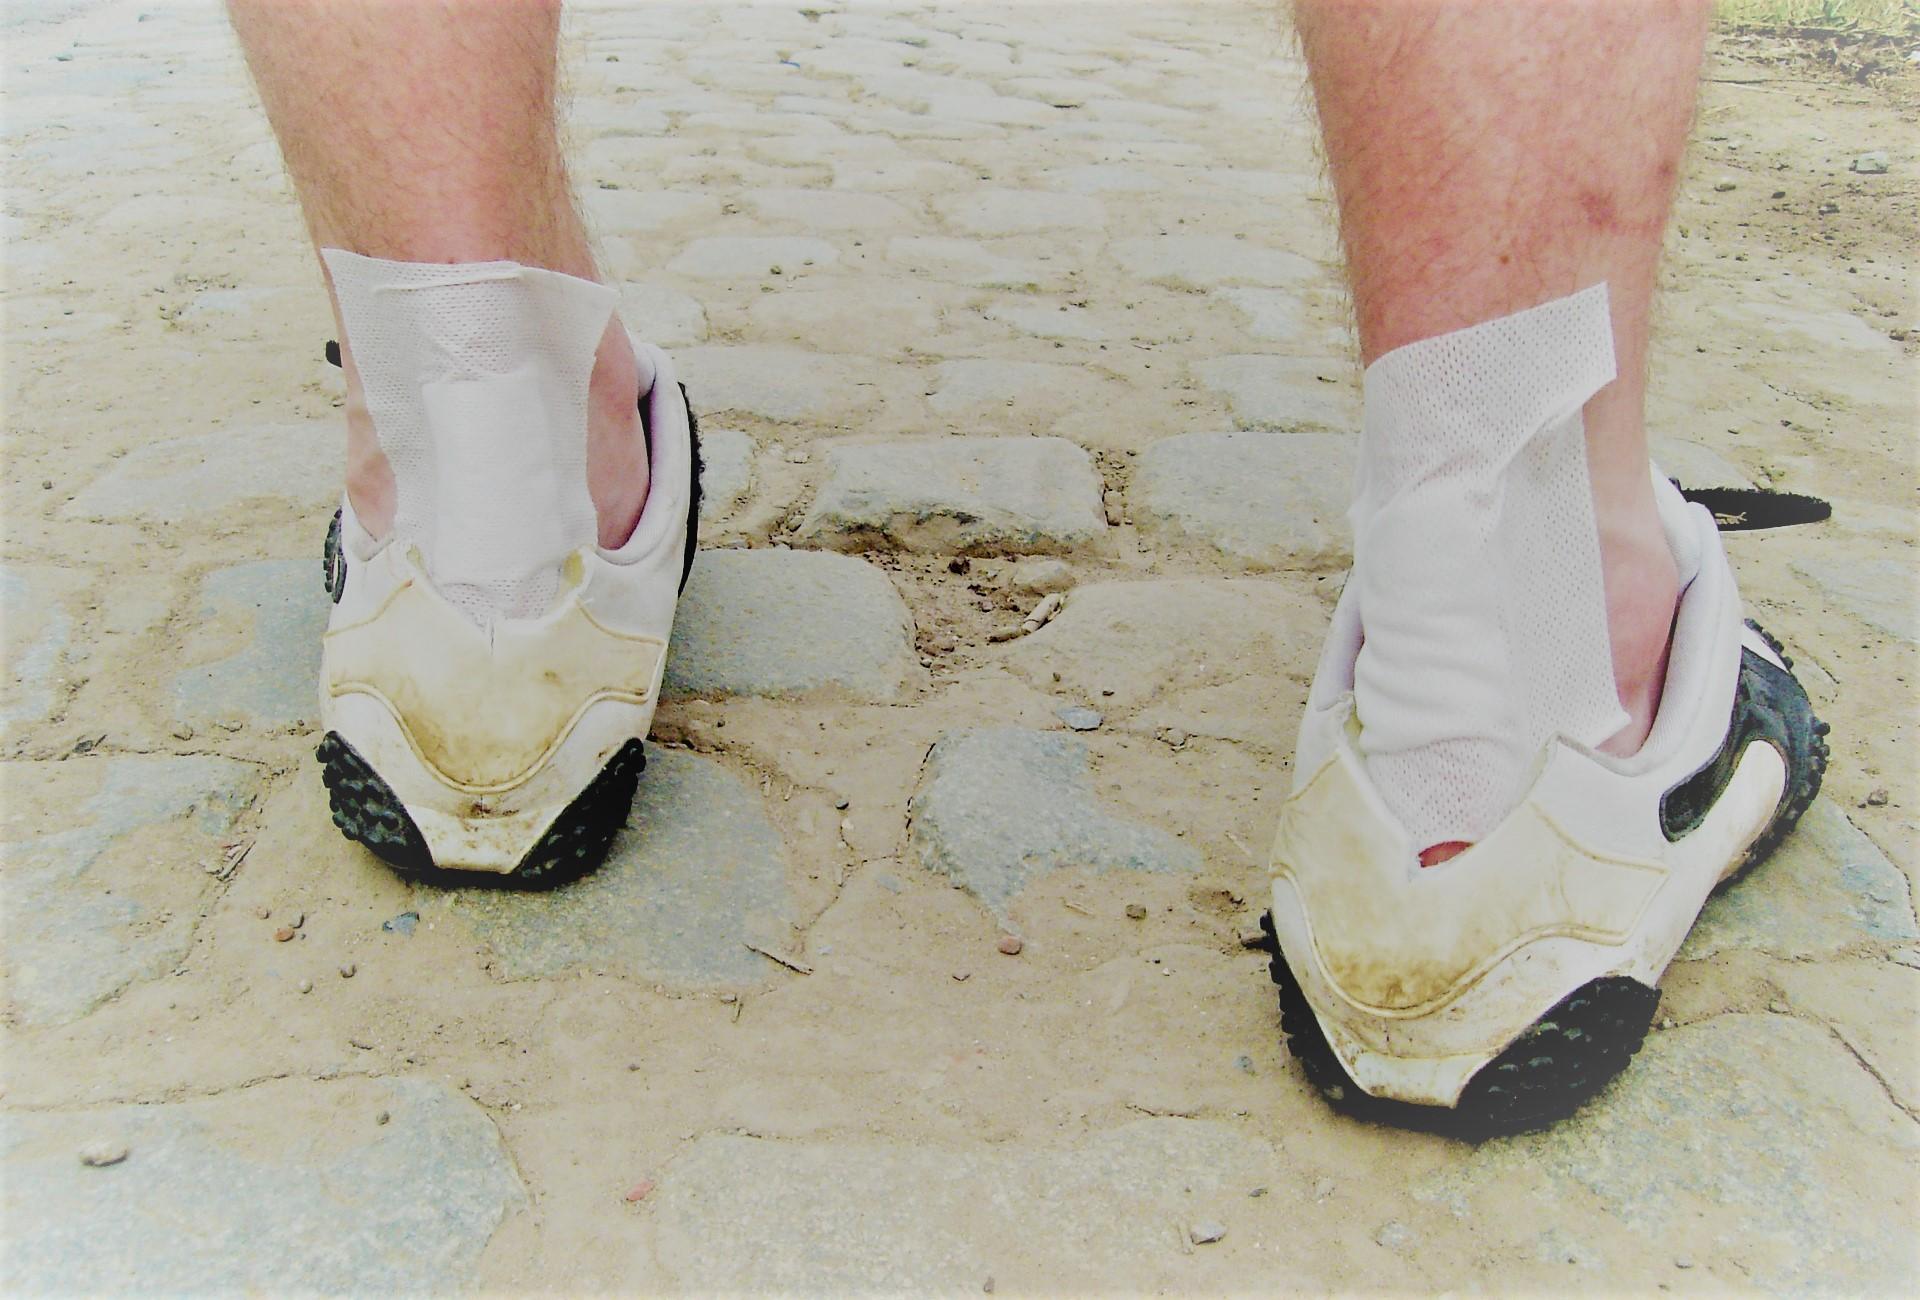 Fáj és bizsereg a lába? Lehet, hogy cukorbetegség okozza